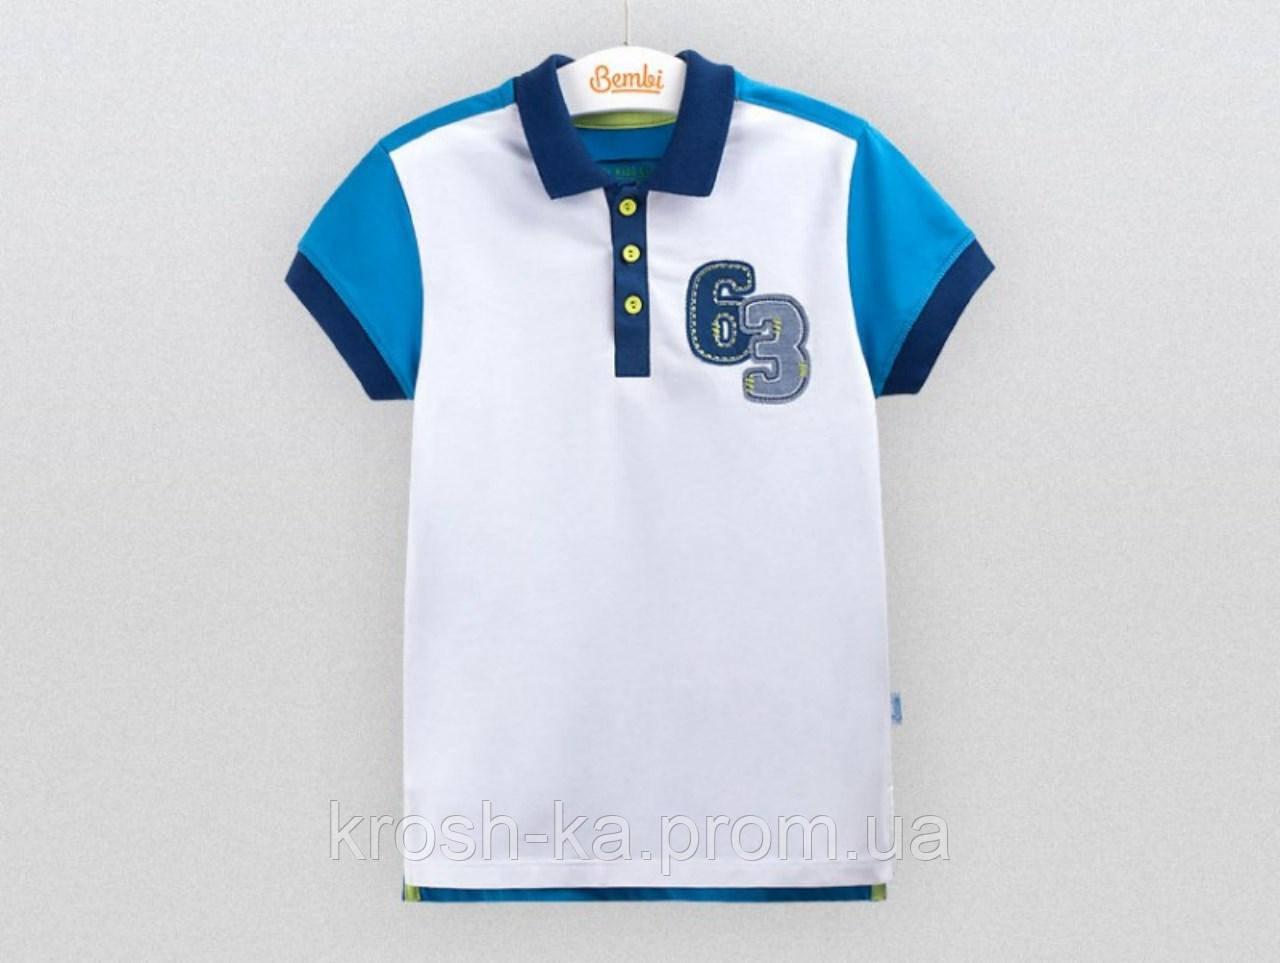 Футболка-поло для хлопчика біла (128-140)р (Bembi)Бембі Україна ФБ528